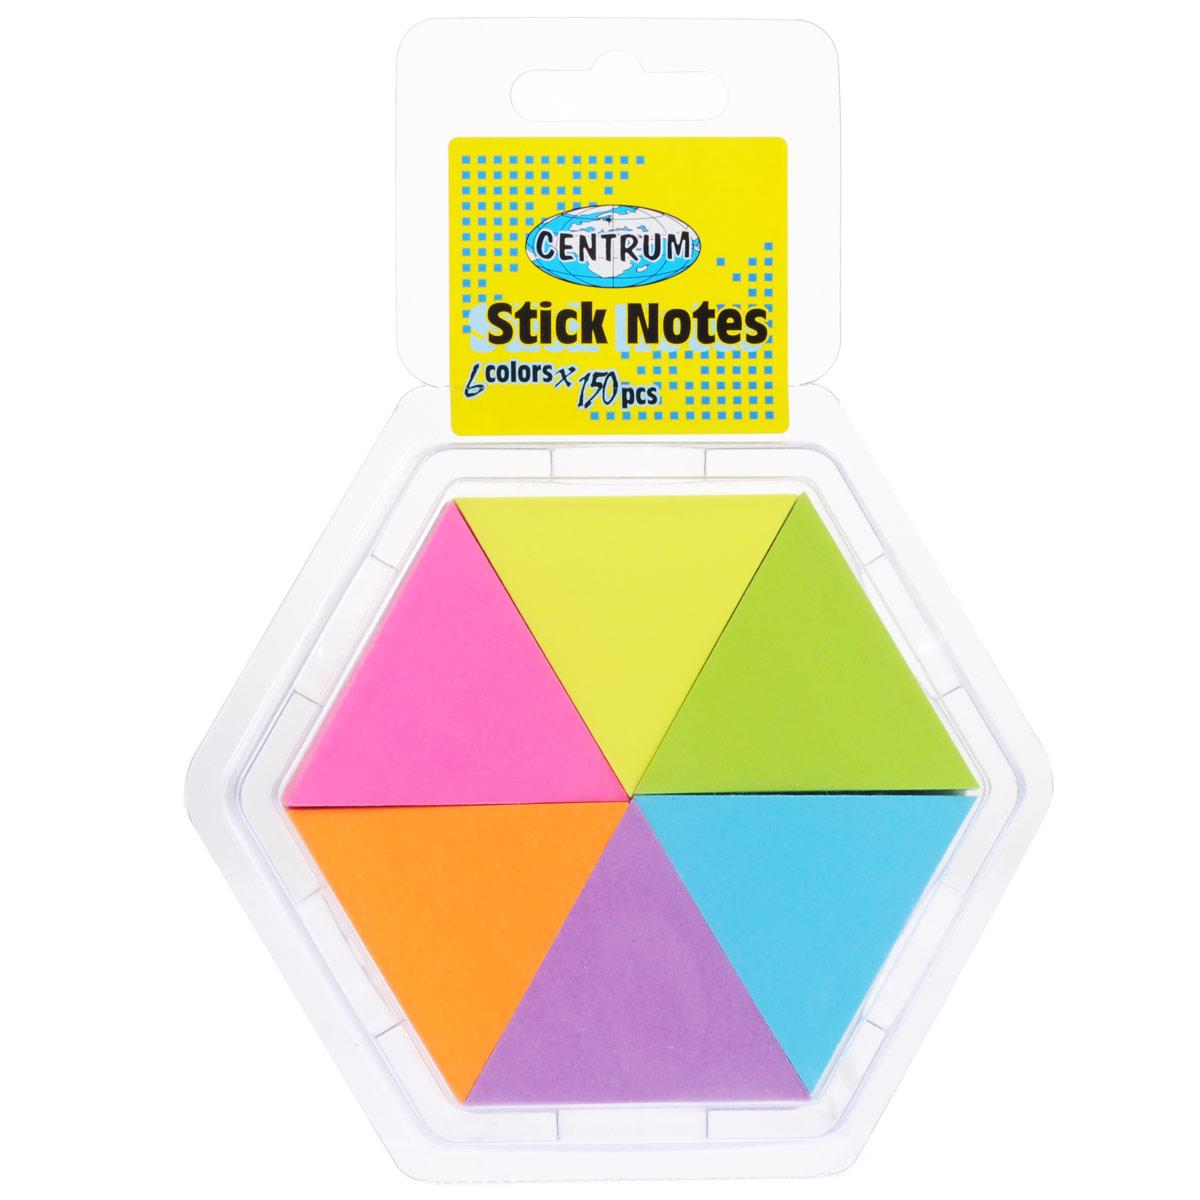 """Набор блоков для записей """"Centrum"""", с липким слоем, 4,3 см х 5 см, 6 шт 82883"""